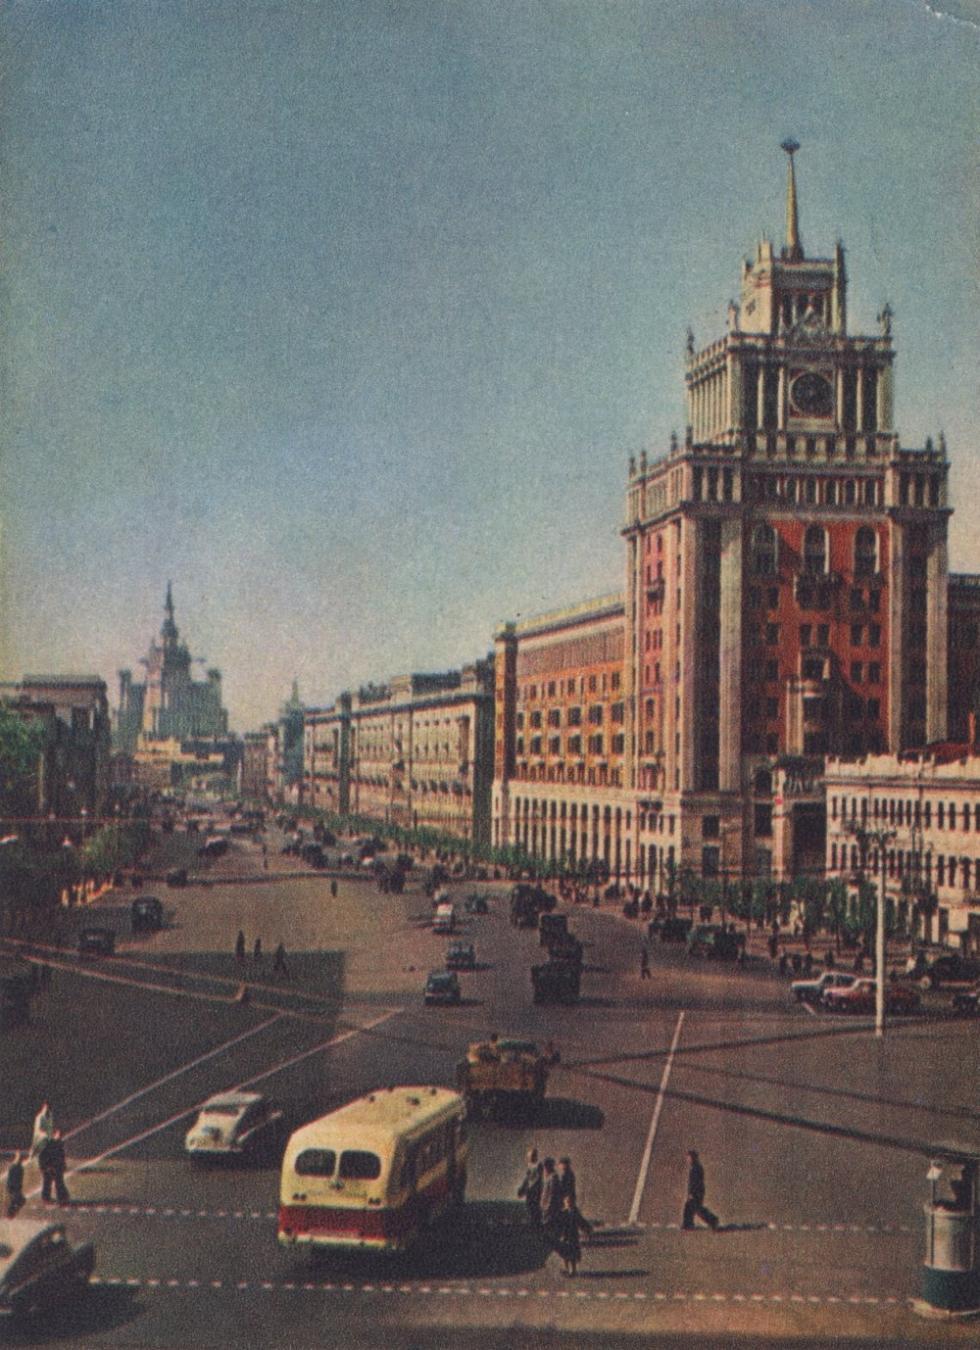 北京饭店,莫斯科马雅可夫斯基广场,1954年。